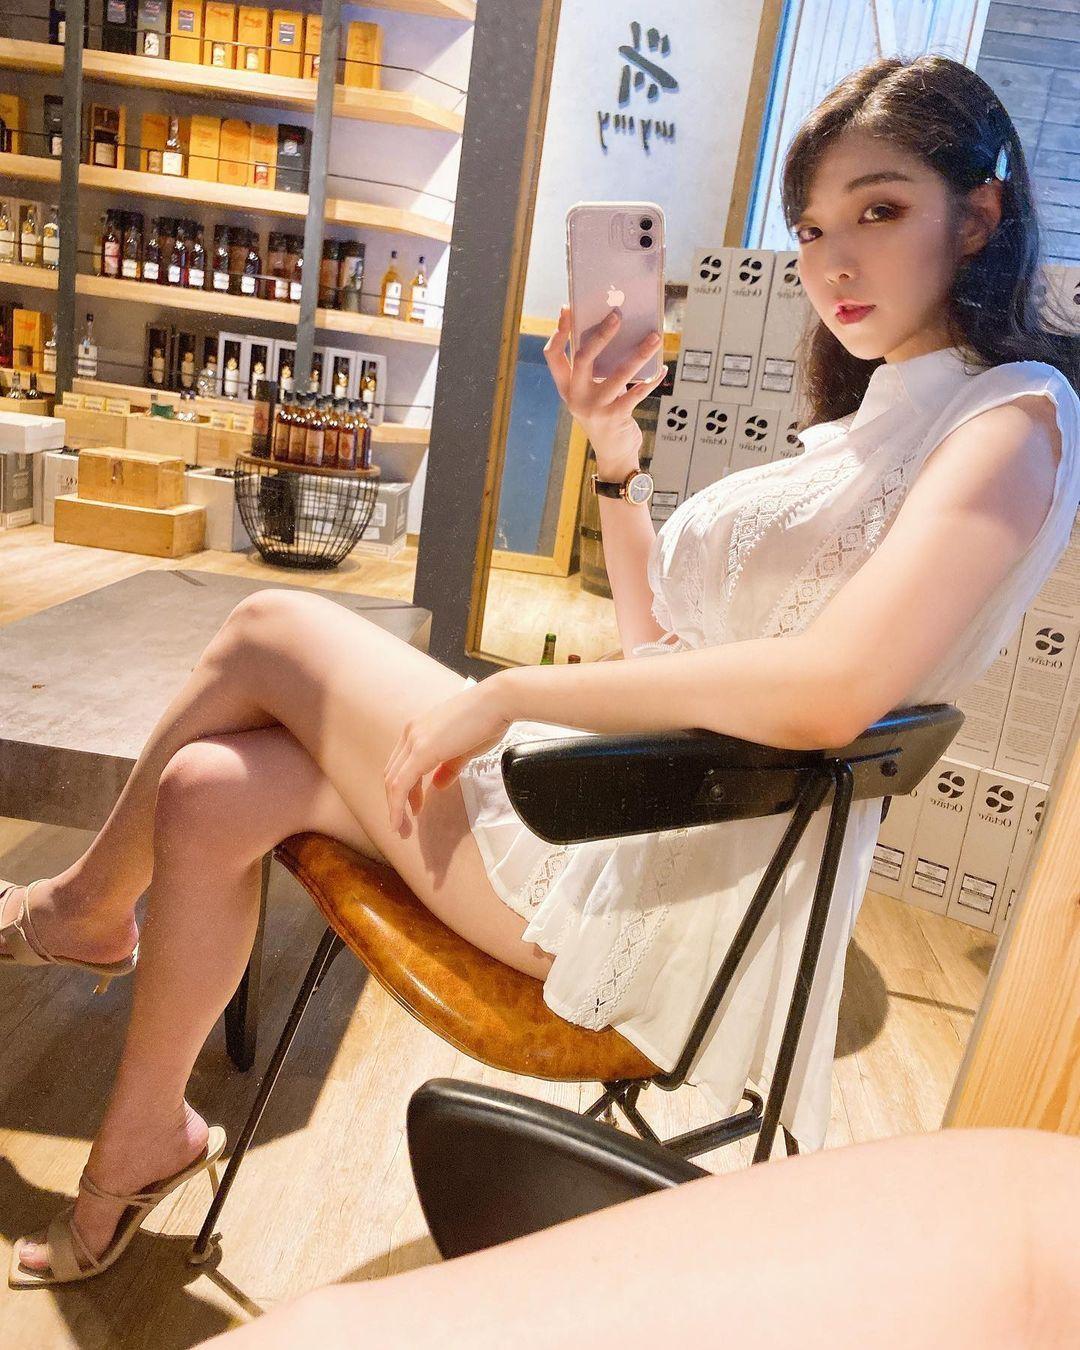 美女酒商Mia 米亚换上比基尼展现性感身材